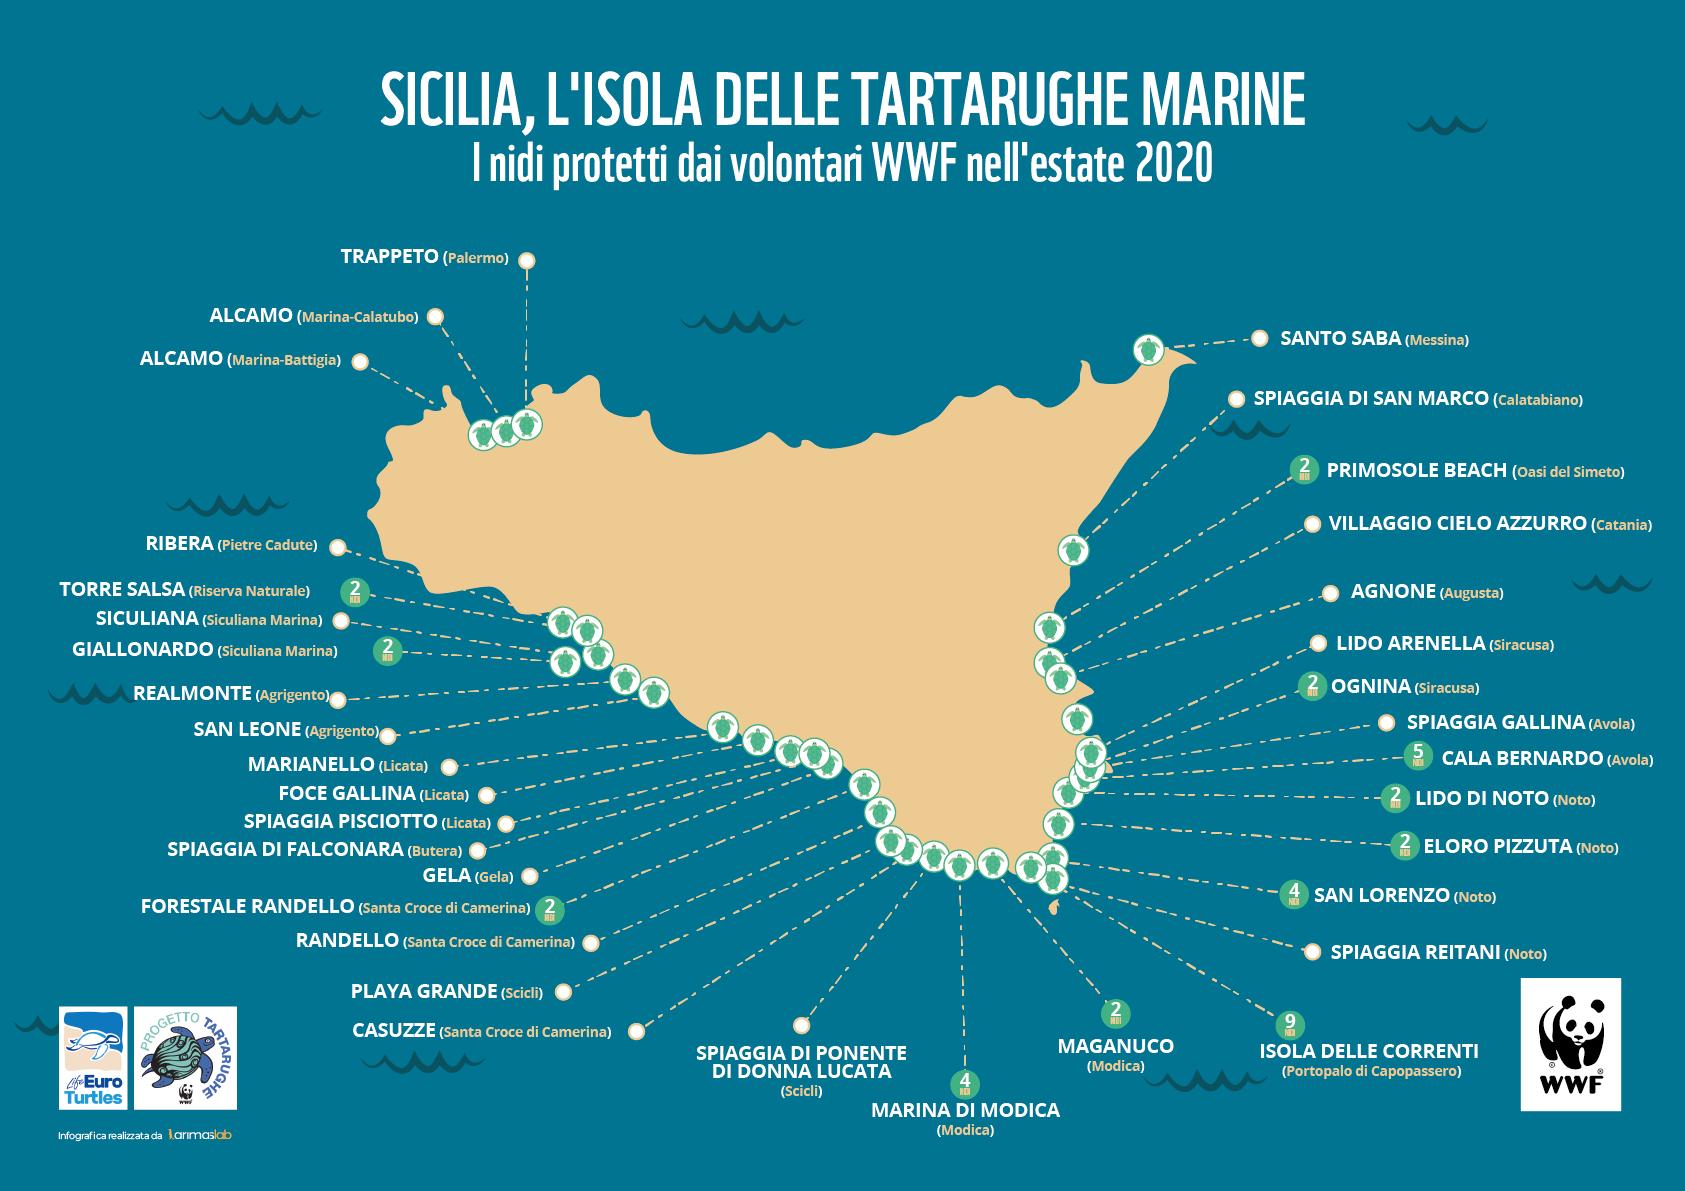 Cartina Noto Sicilia.Piu Di 60 Nidi Di Tartaruga Marina Protetti Dai Volontari Wwf In Sicilia Wwf Italy